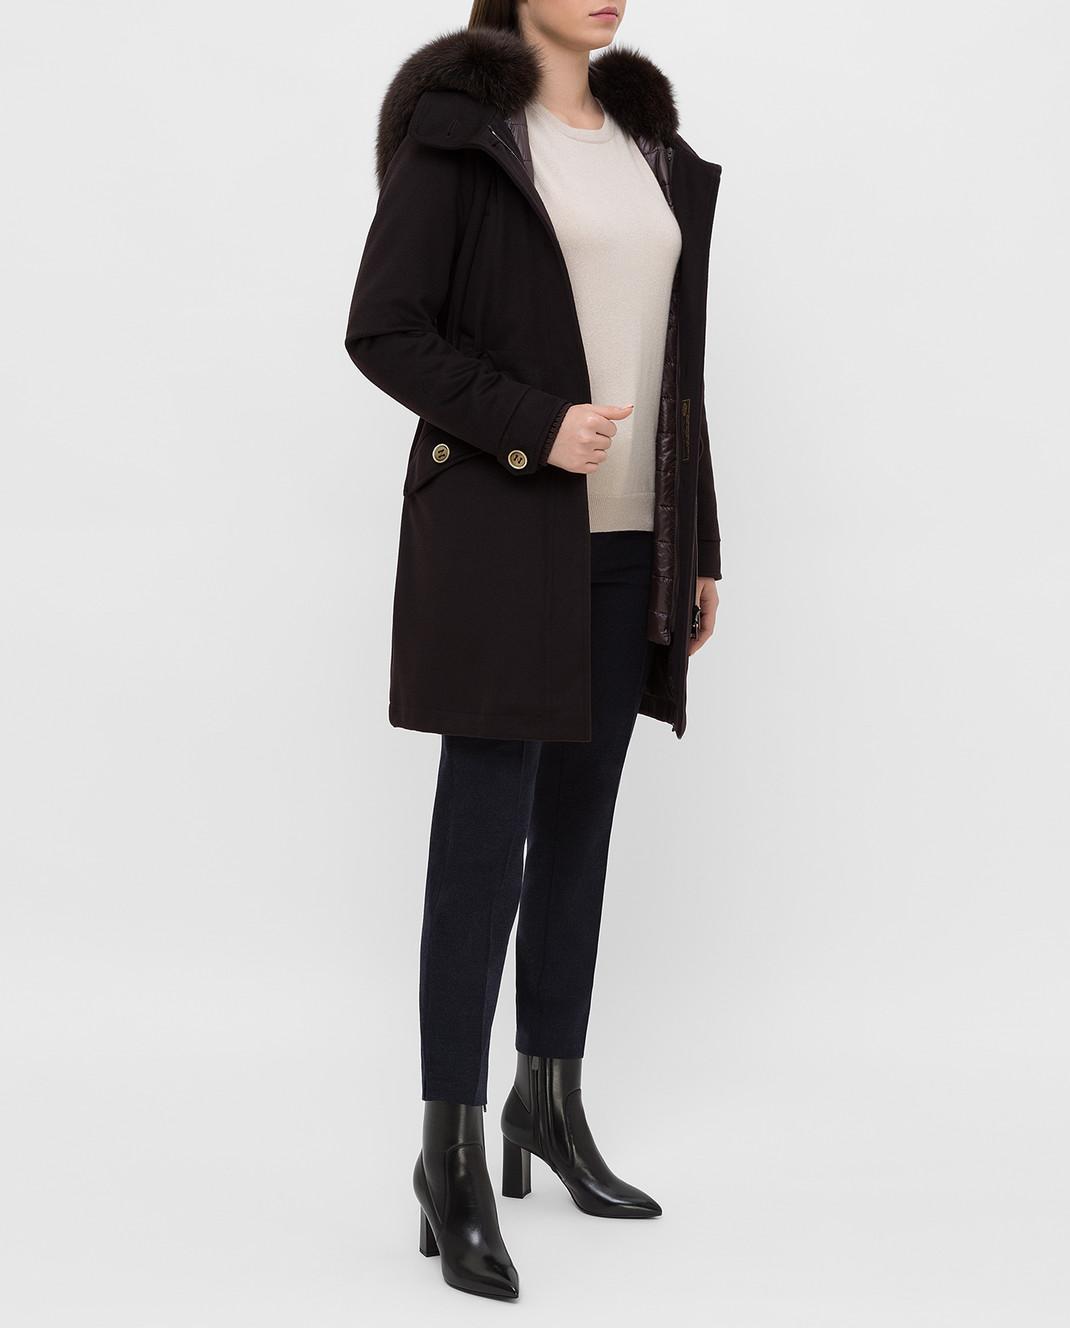 Heresis Темно-коричневое пальто из шерсти P1290VO изображение 2